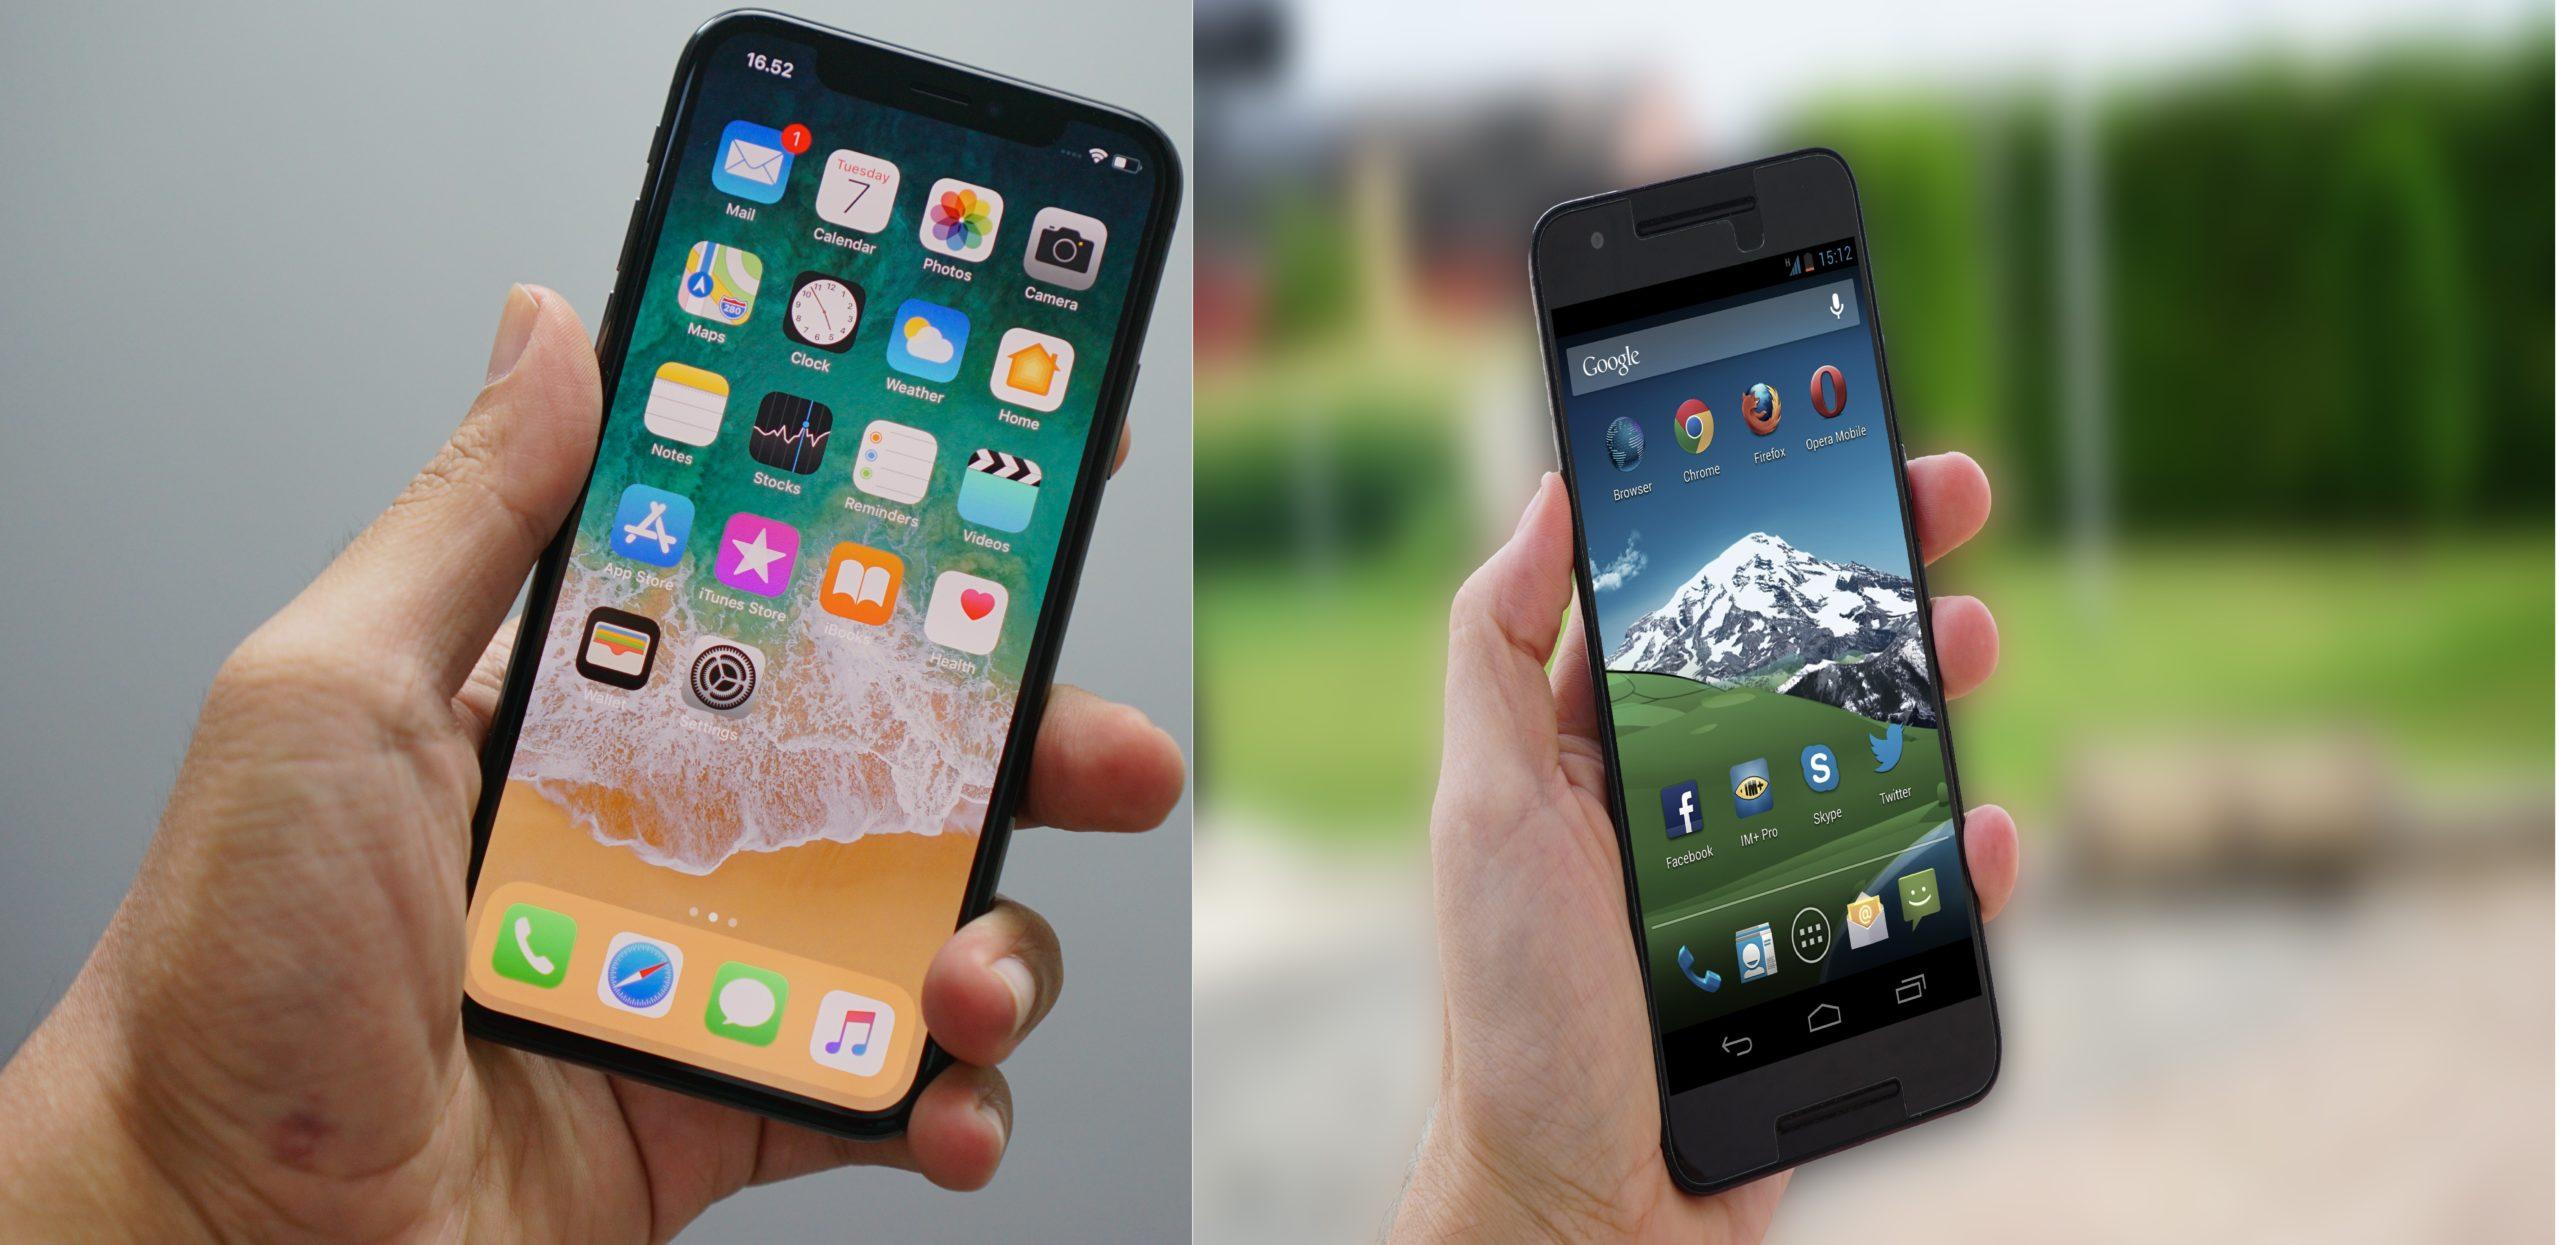 تطوير ألعاب Android مقابل ألعاب iOS – ما الذي يجب على المطور اختياره؟